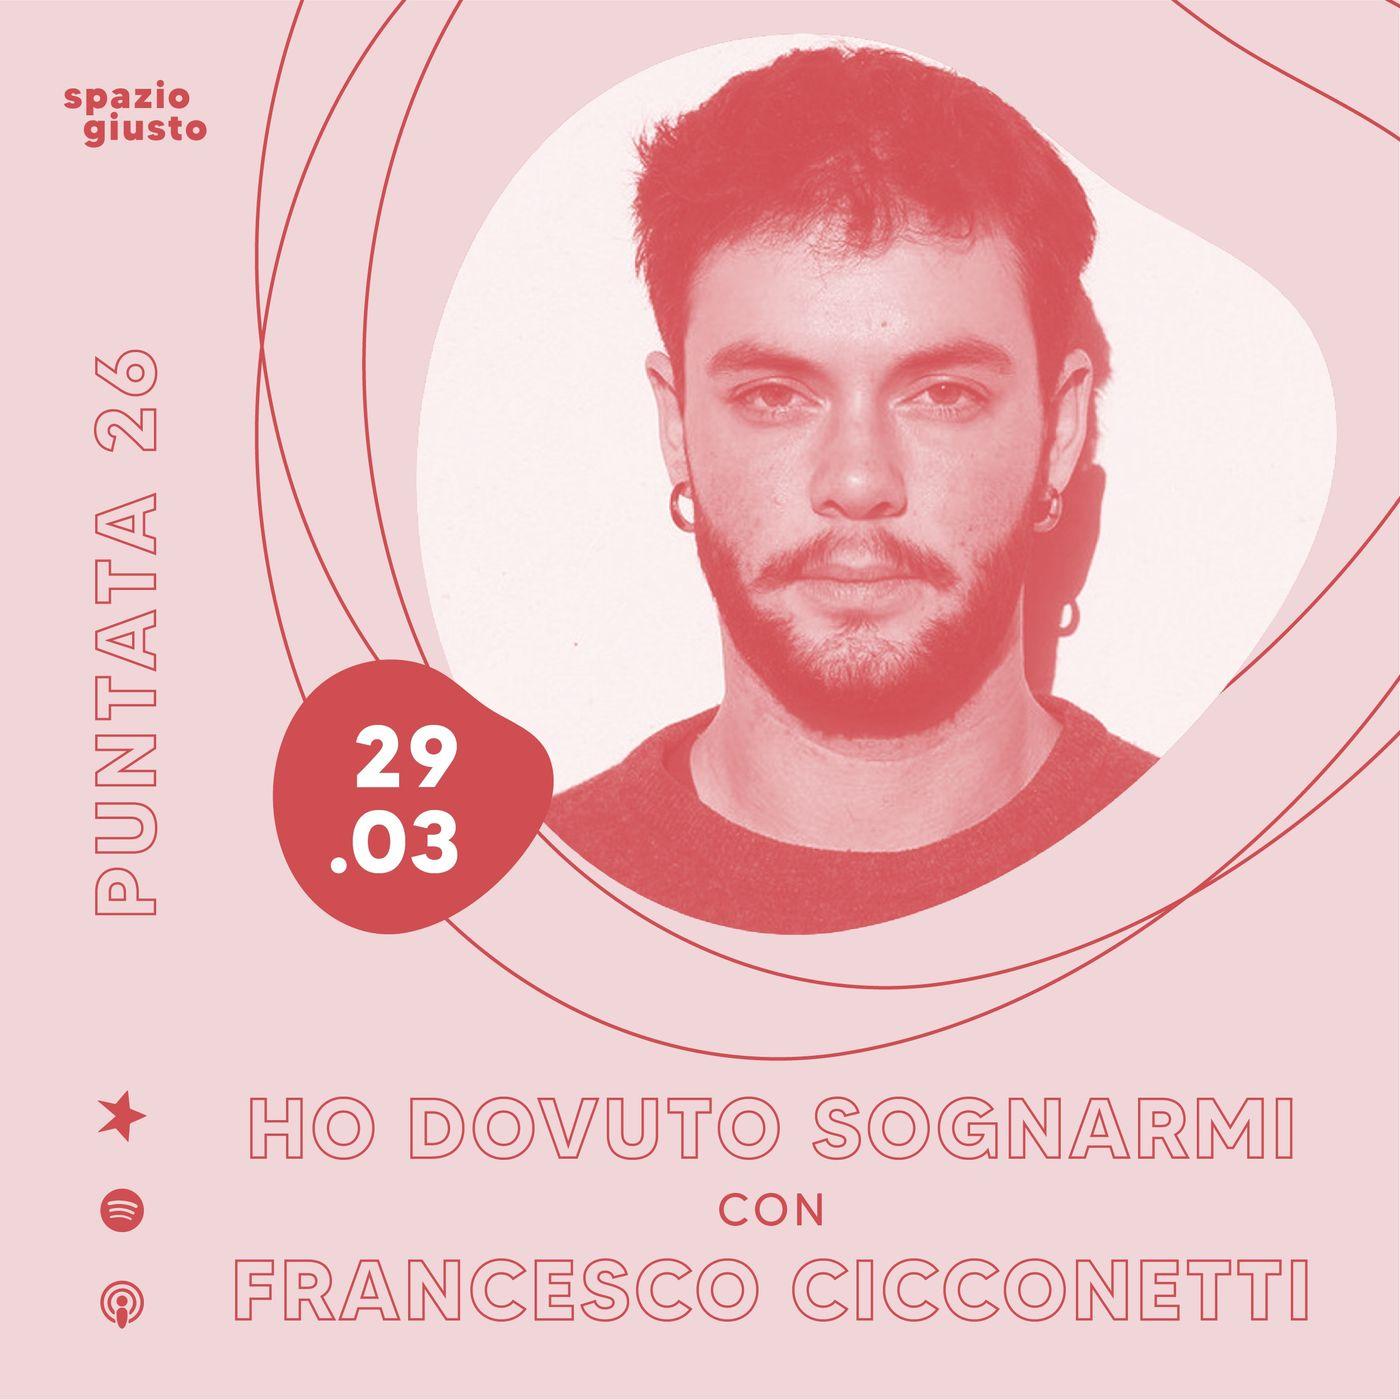 Puntata 26 - Per vedermi ho dovuto sognarmi: disforia di genere e transessualità con Francesco Cicconetti